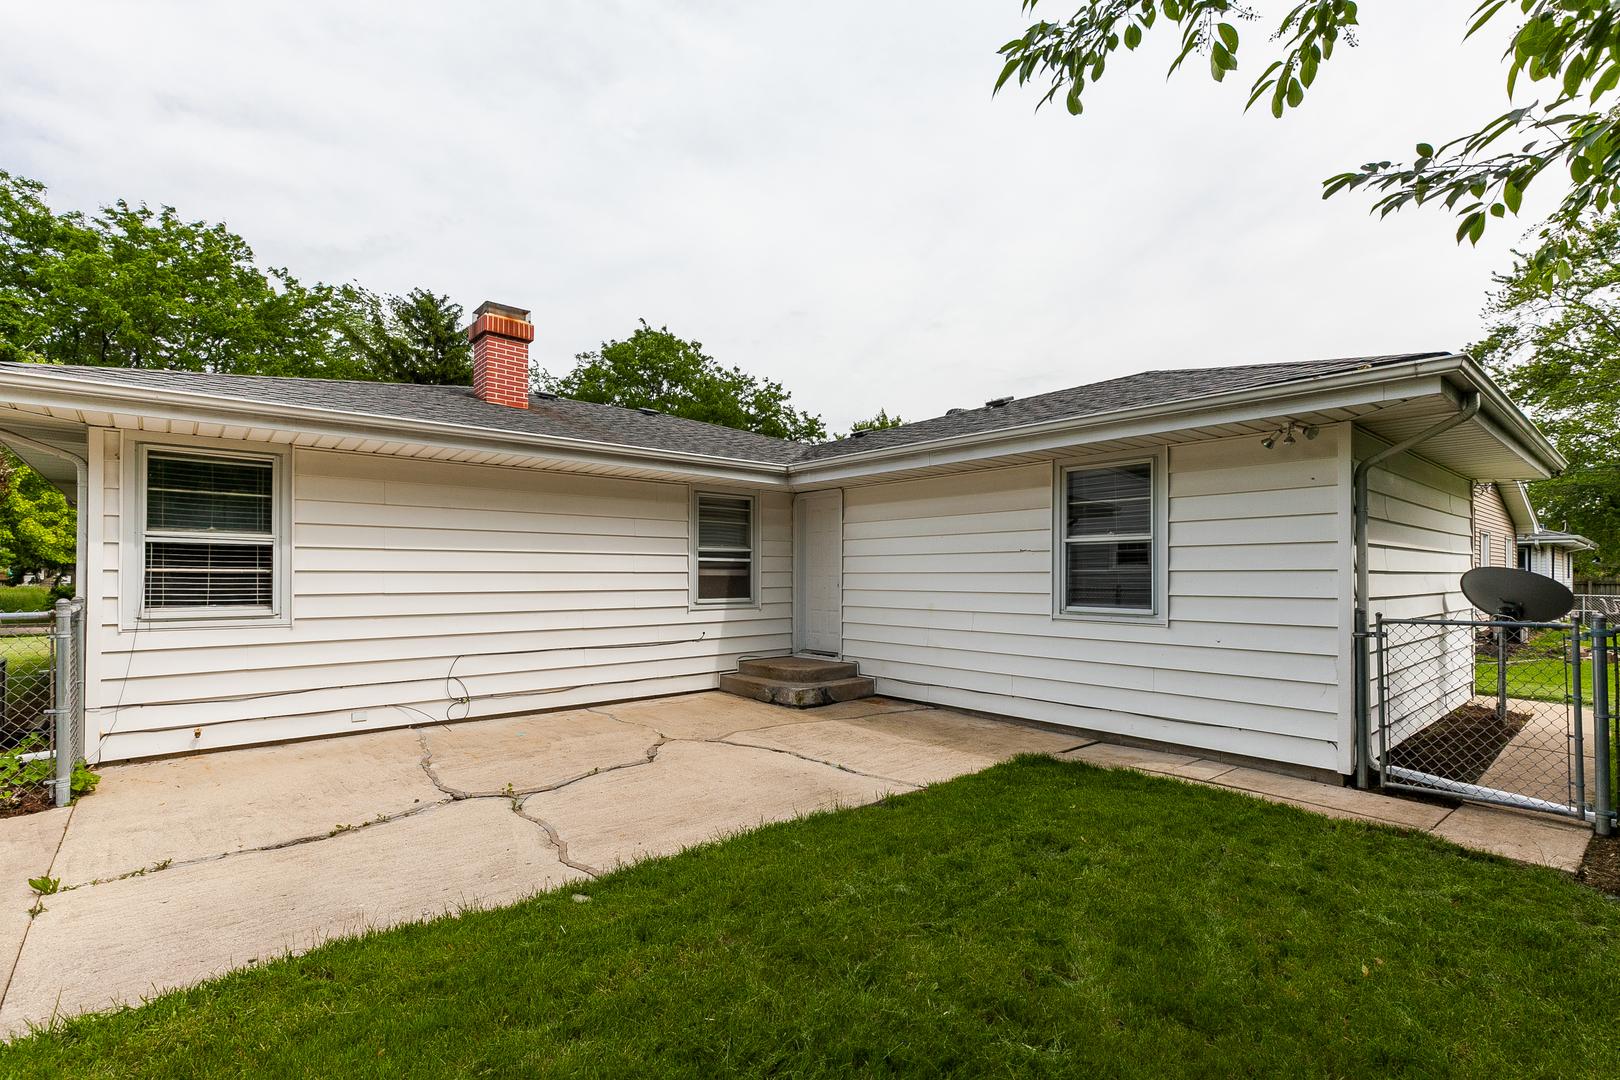 129 South Reedwood, Joliet, Illinois, 60436